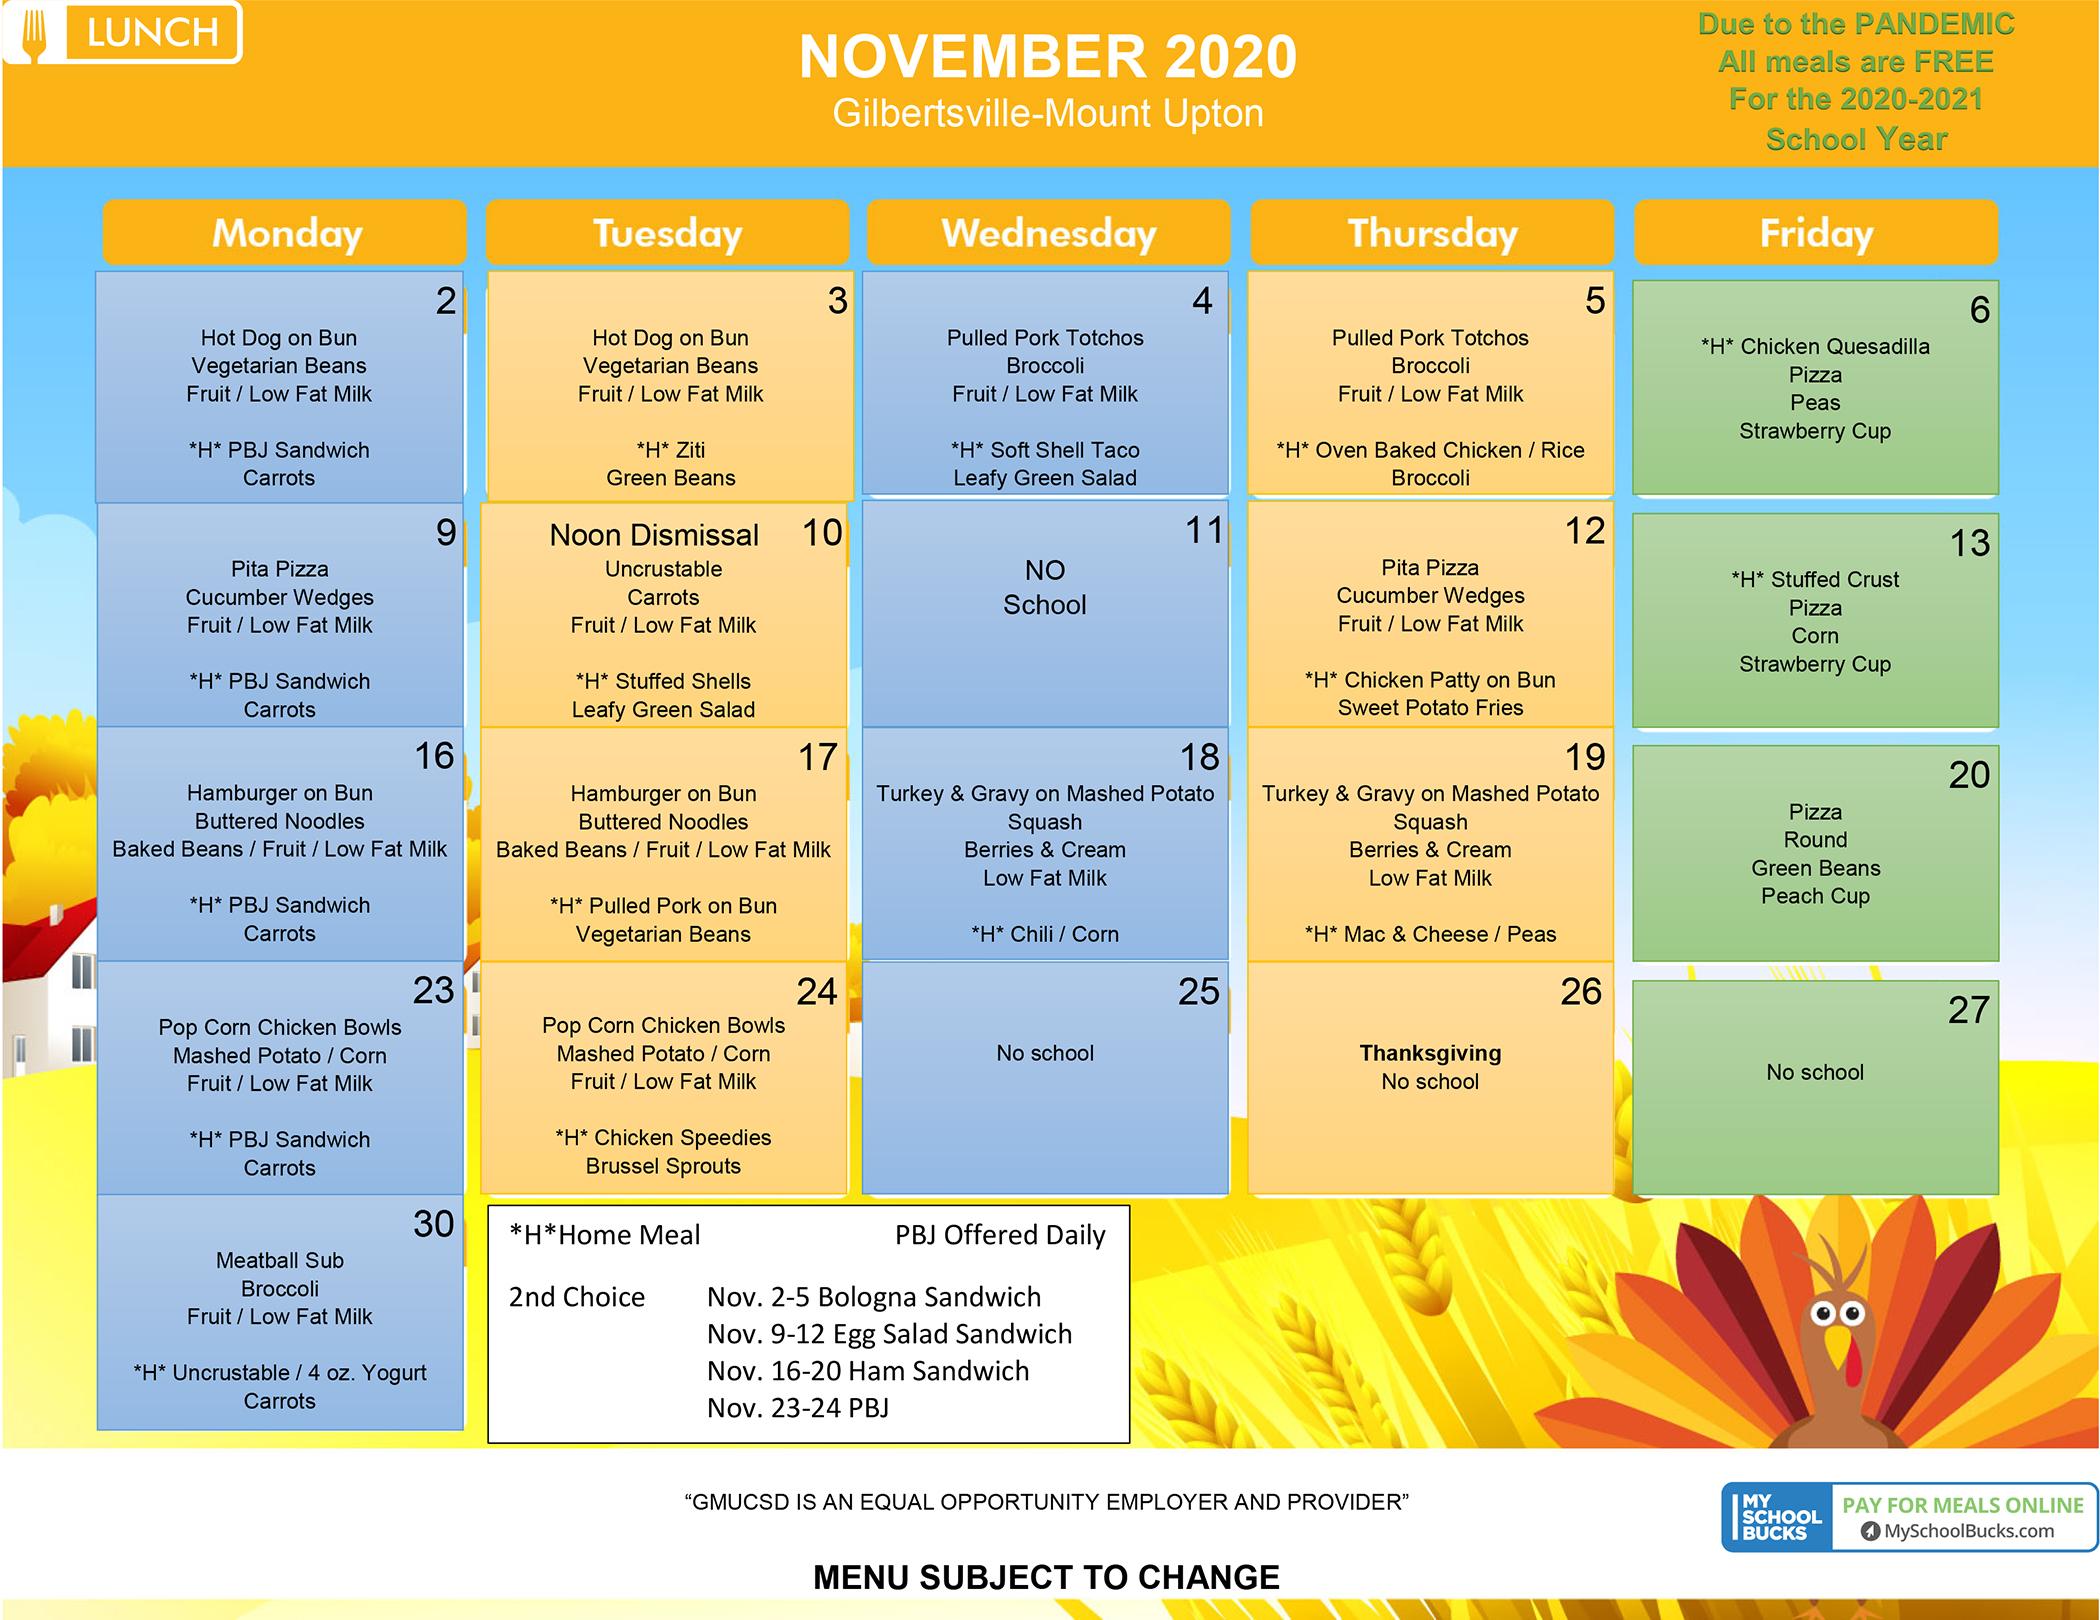 GMU Lunch Menu - November 2020